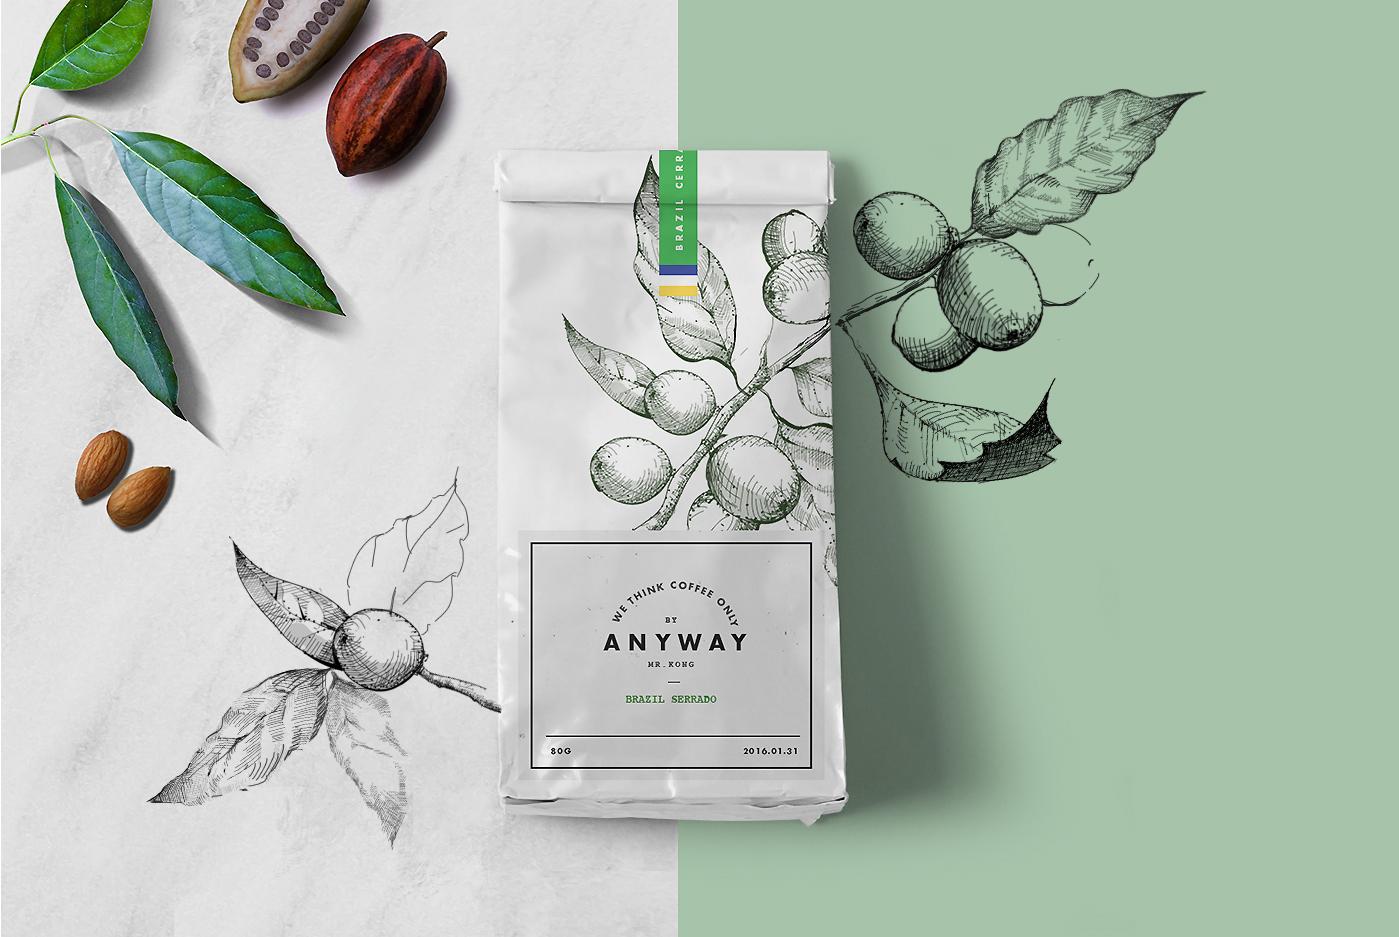 애니웨이 커피 브라질